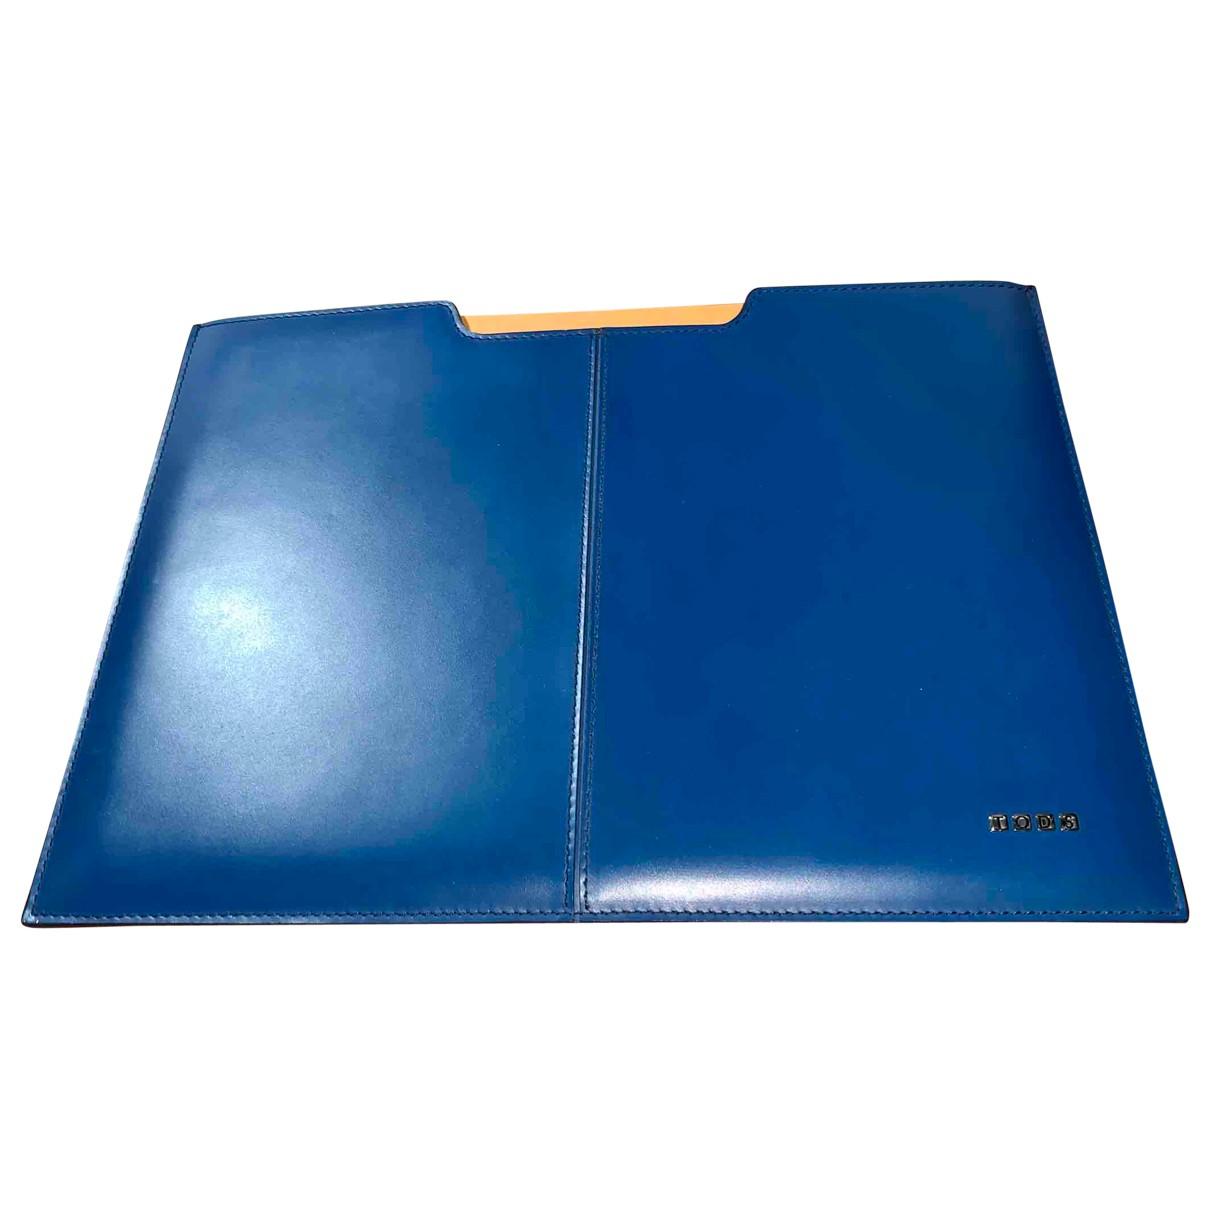 Tods - Accessoires   pour lifestyle en cuir - bleu